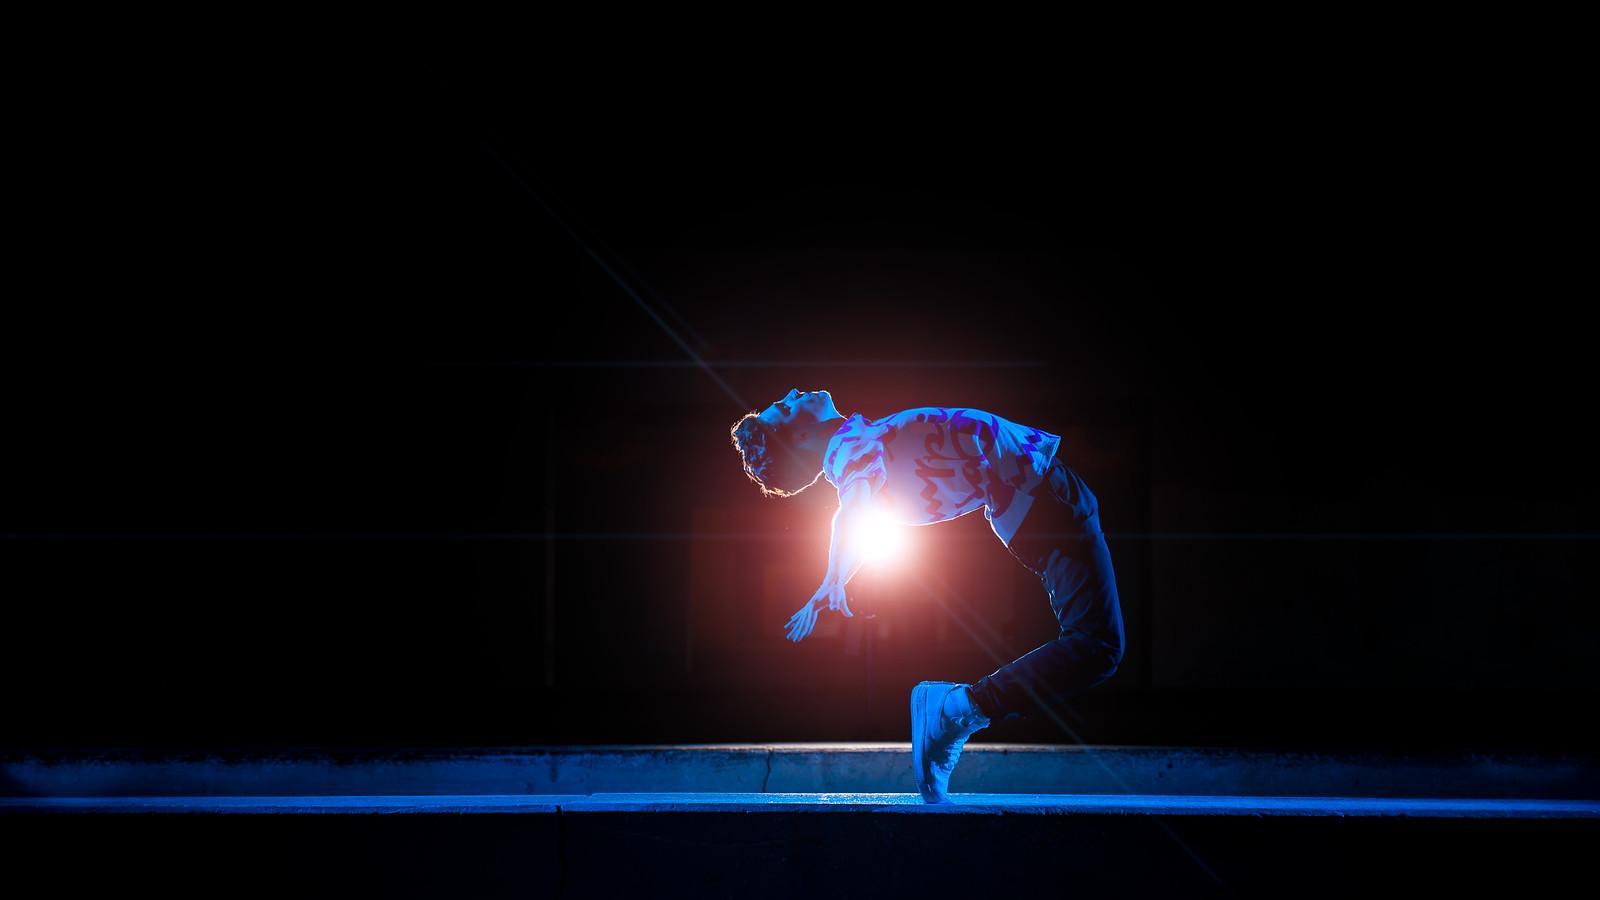 adam-szarmack-jacksonville-dance-photography-4.jpg